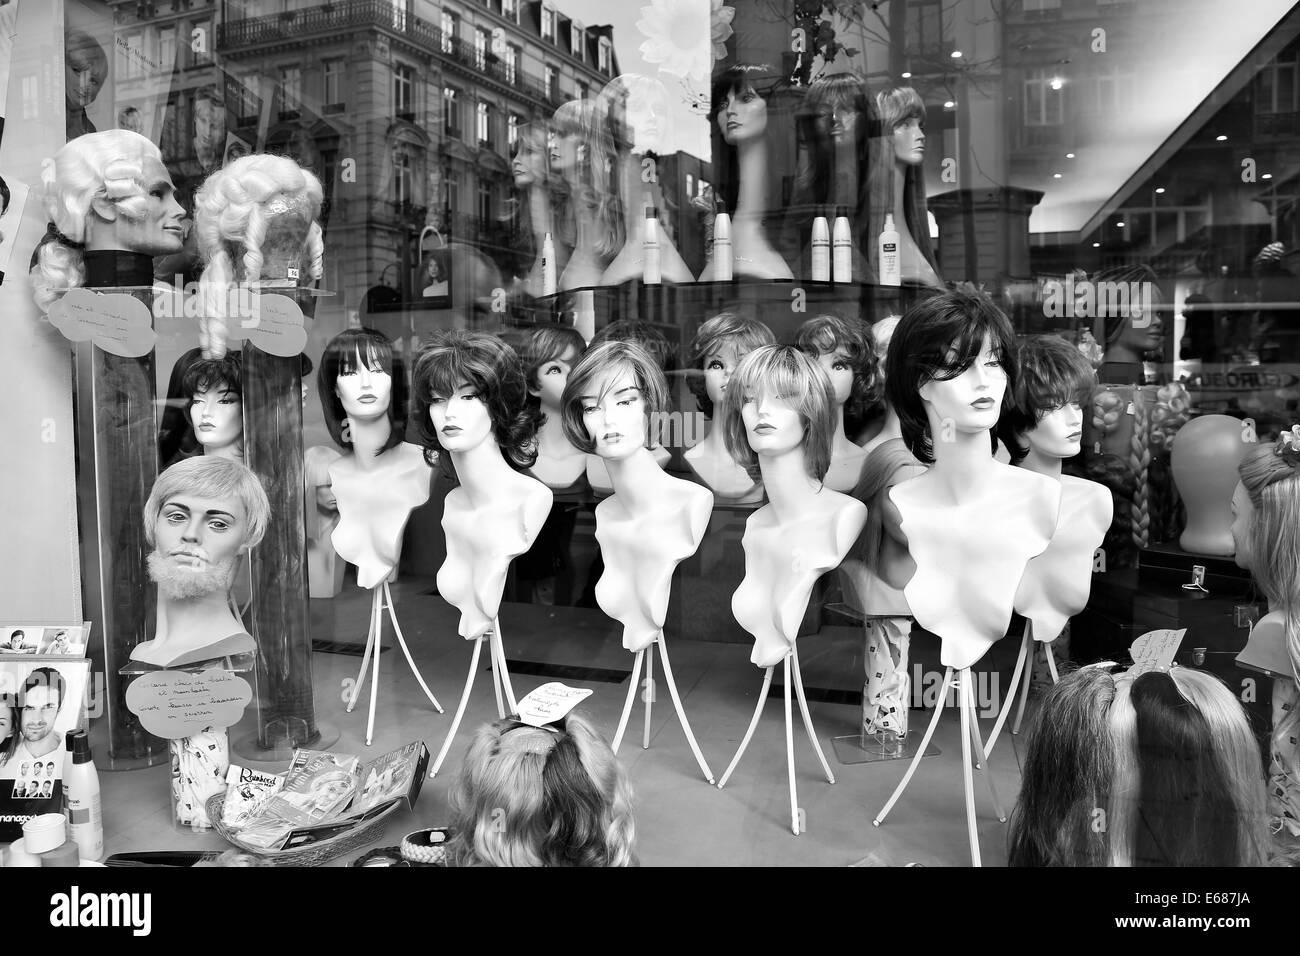 Vitrine à Bruxelles, des perruques sur manniquins. Image en noir et blanc. Photo Stock